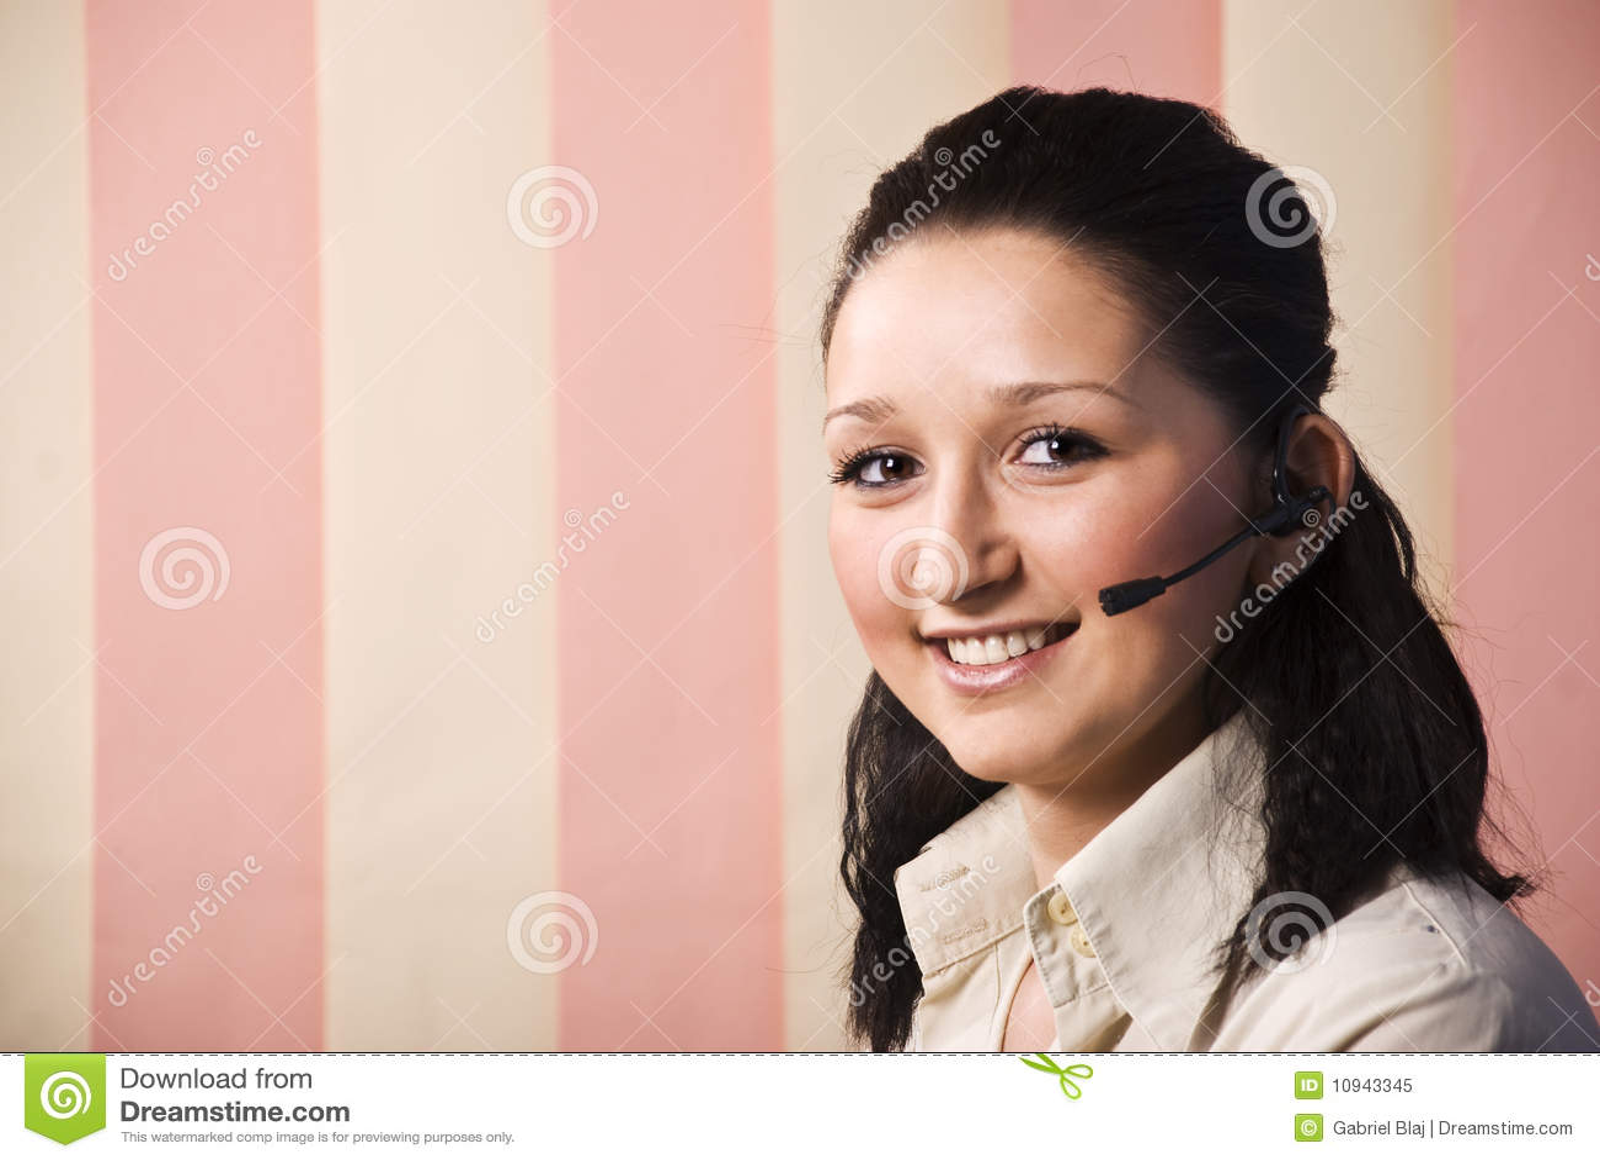 портрет центра телефонного обслуживания красотки